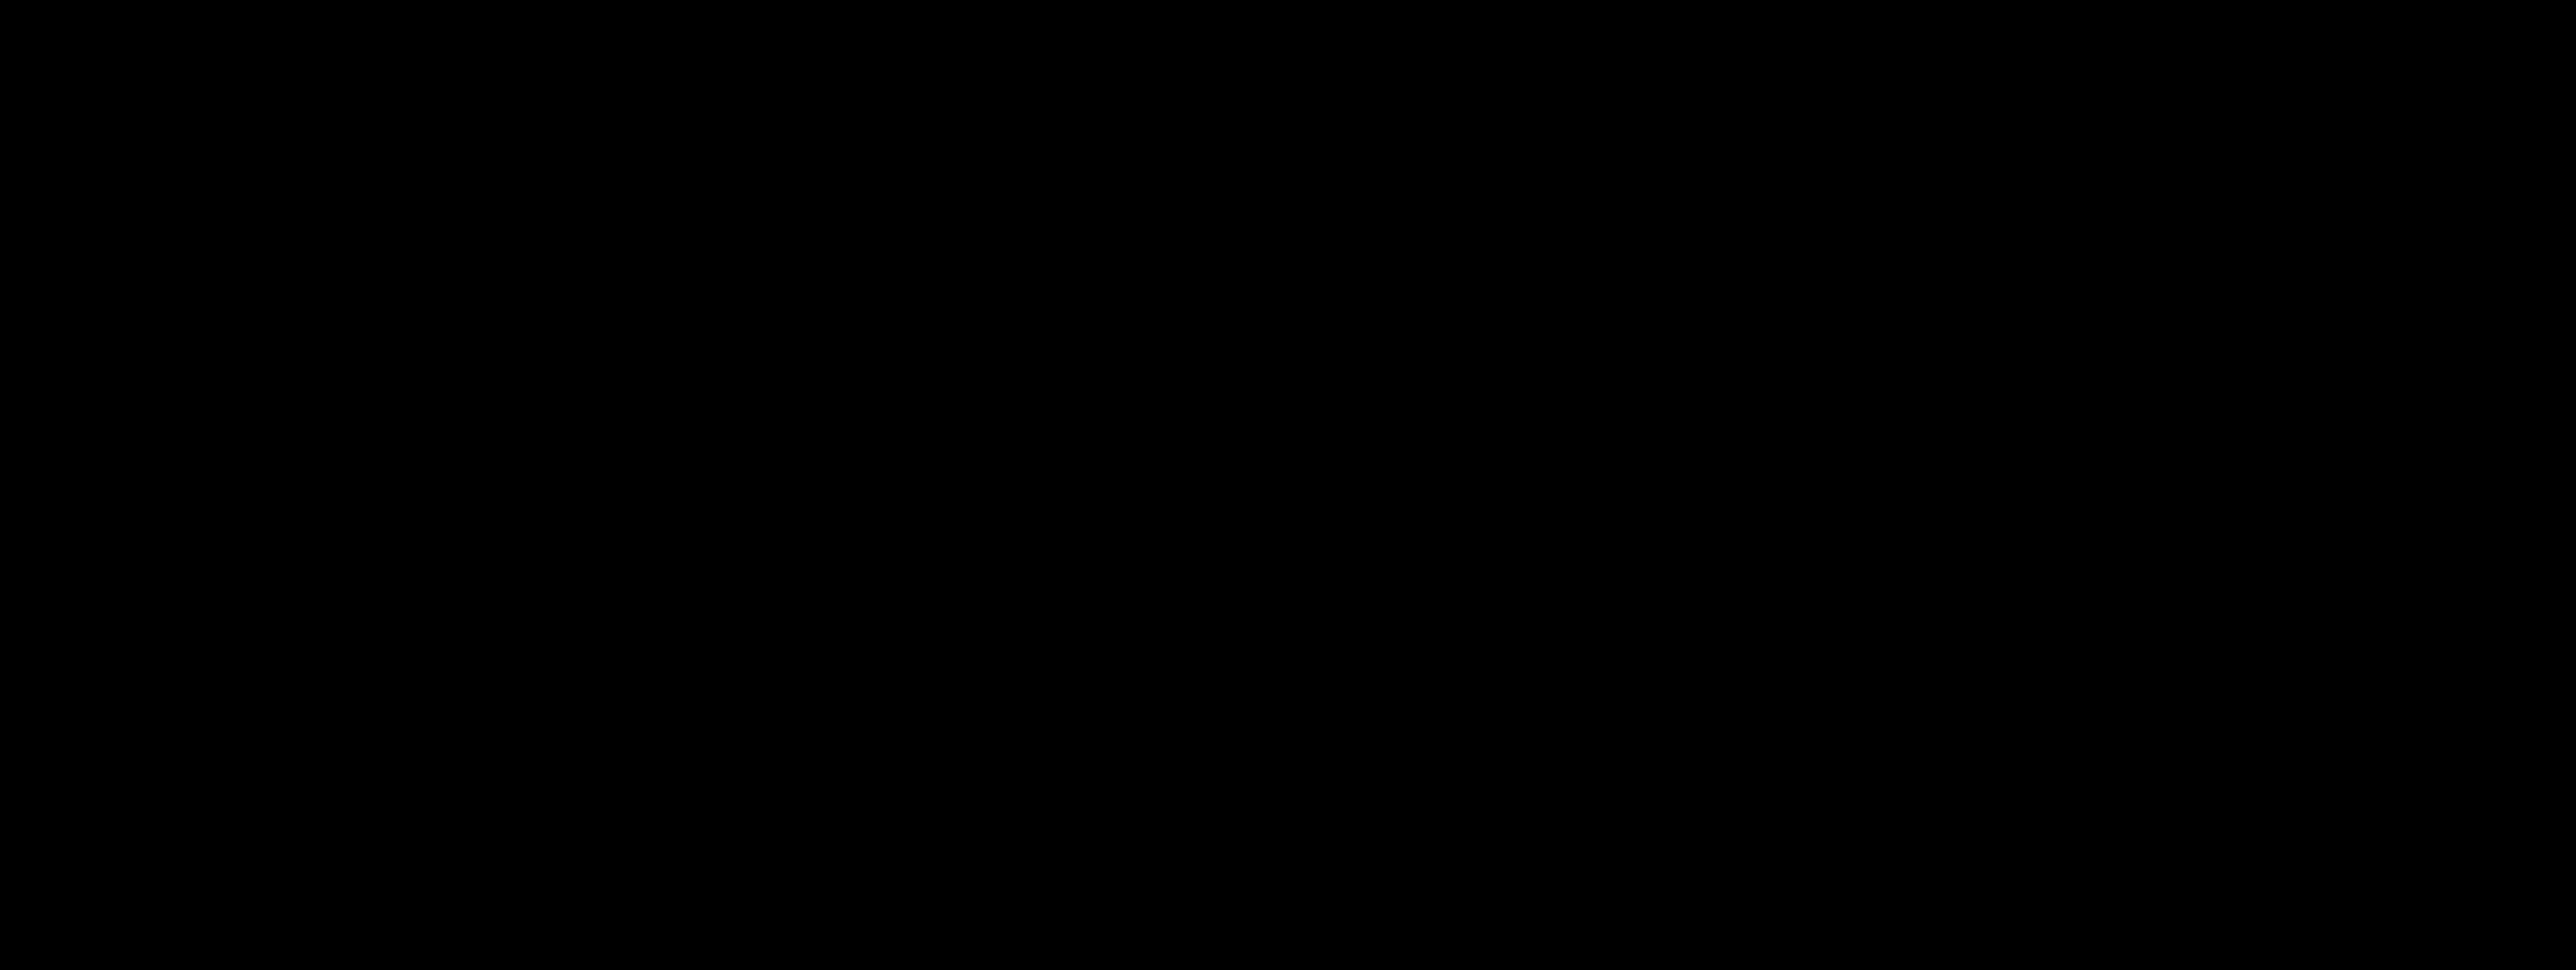 noifriss_logo.png